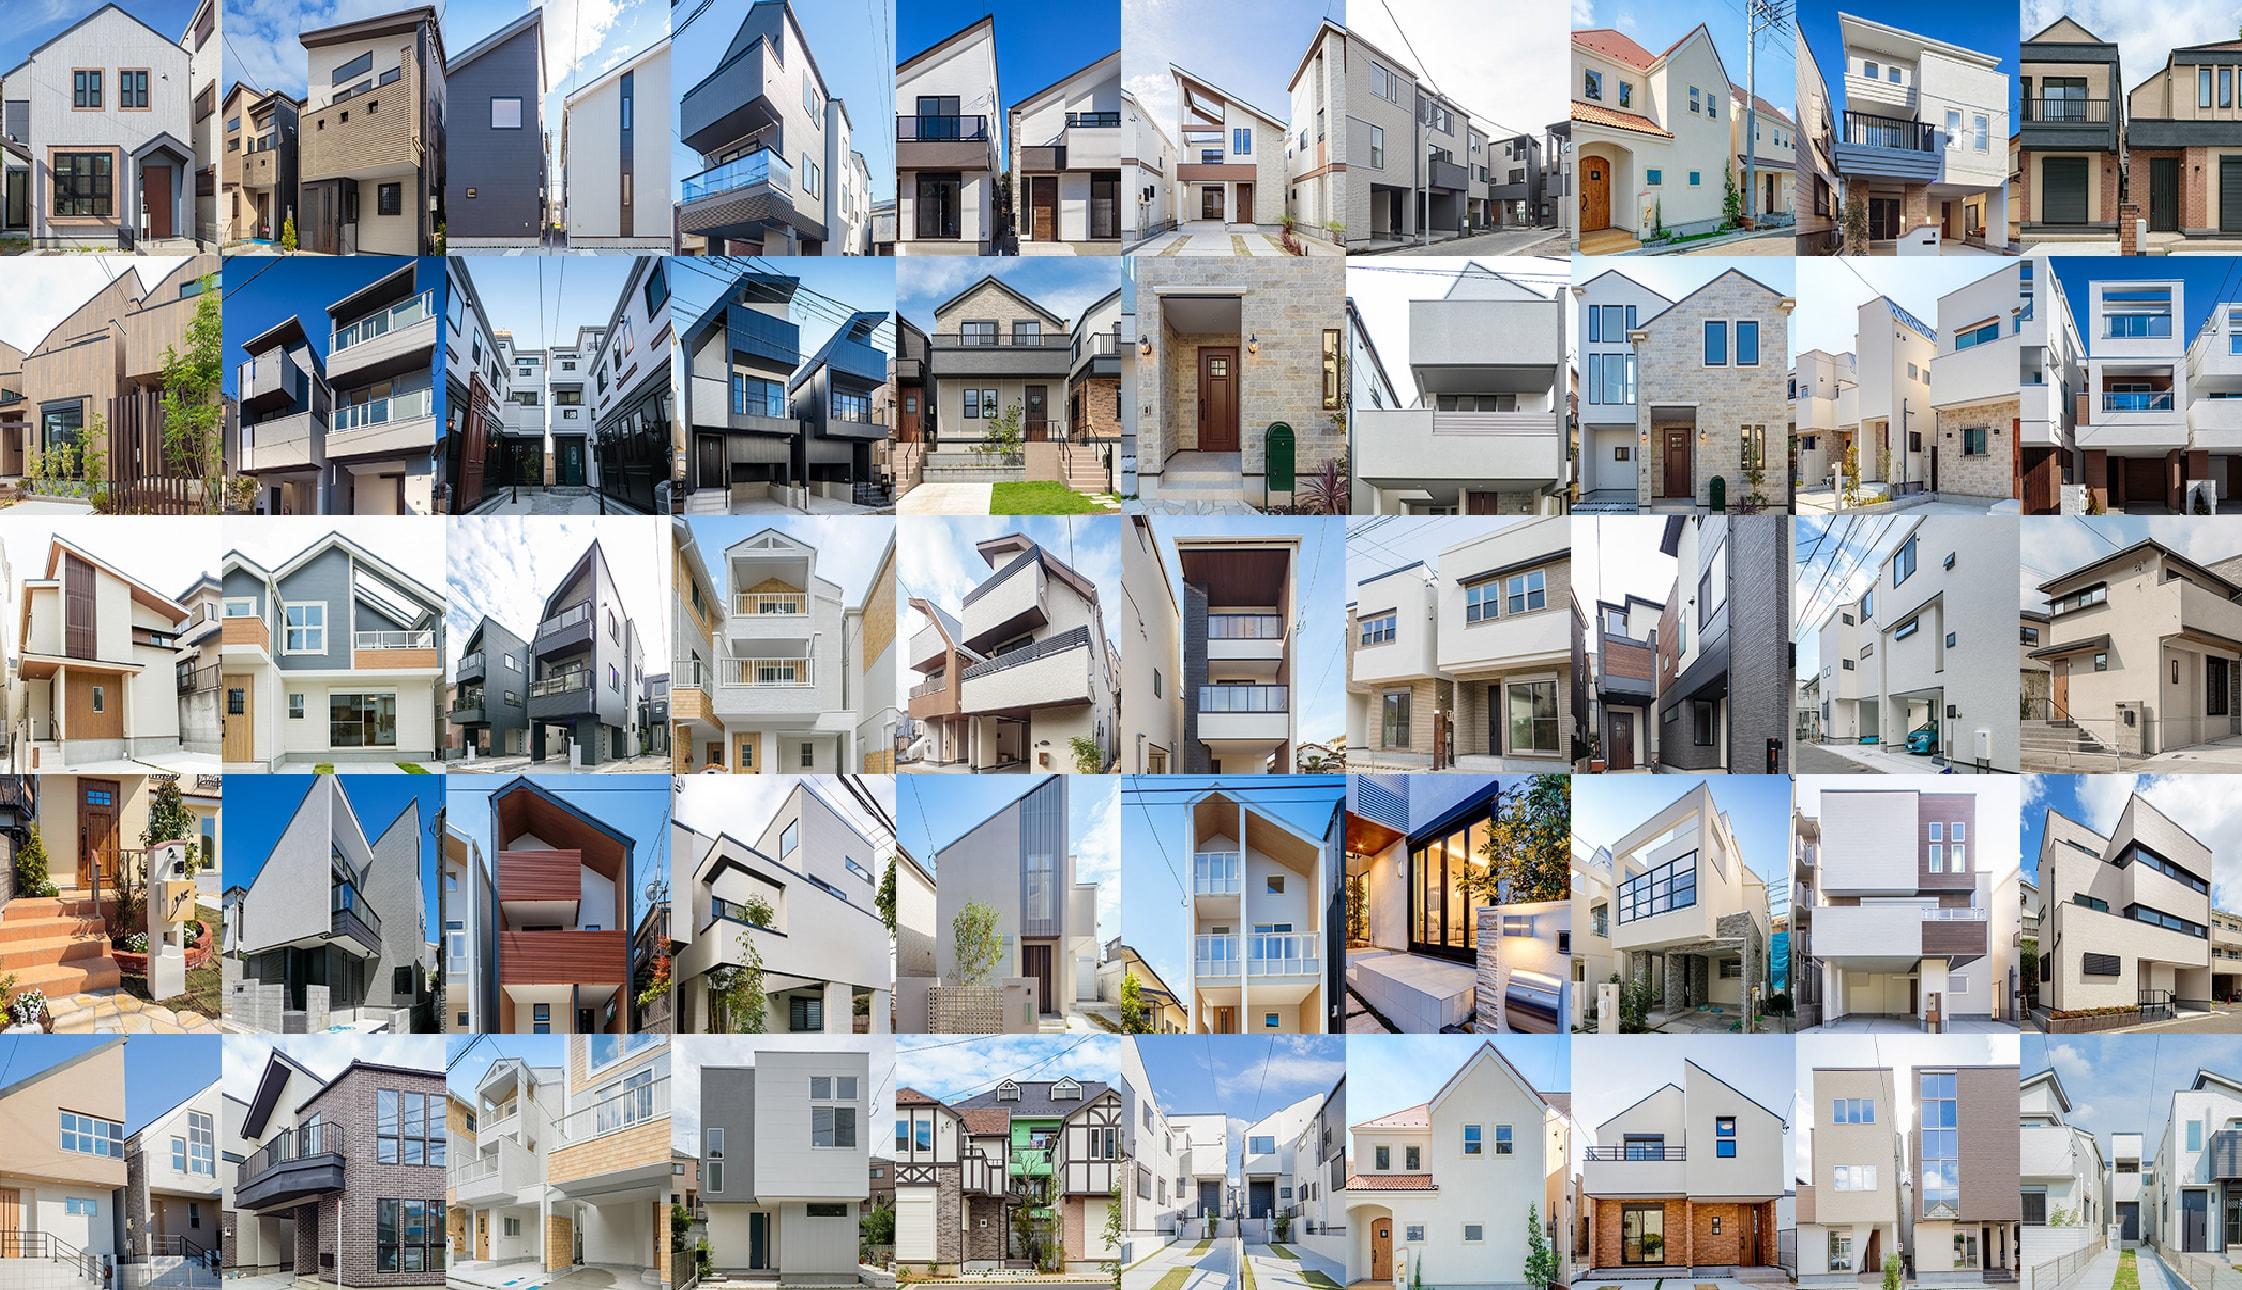 同じ家はつくらない。街に敷地に合わせた家を。